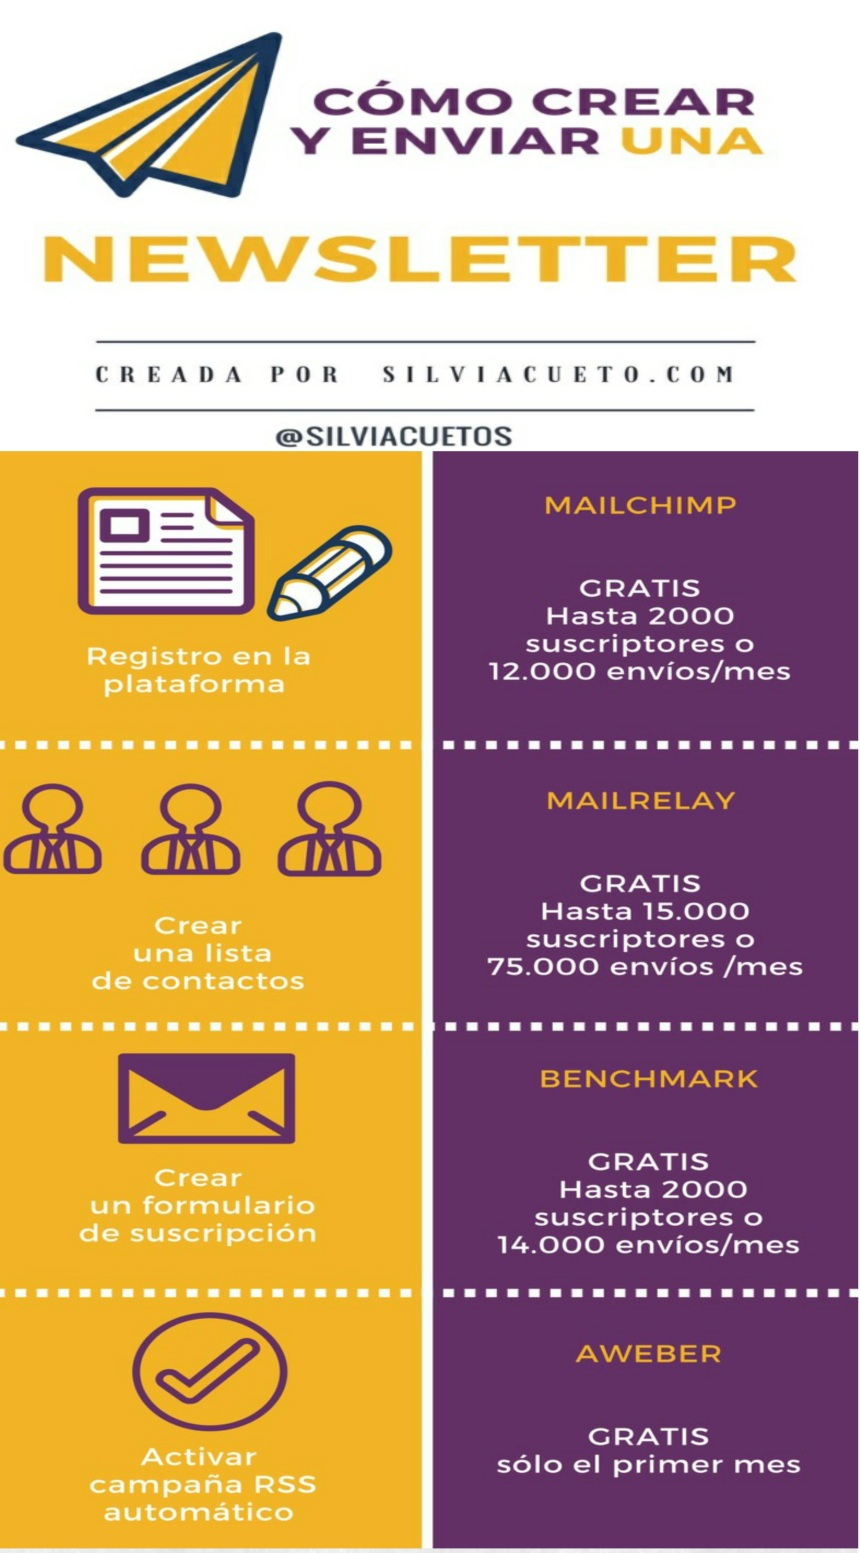 Cómo crear y enviar y una newsletter